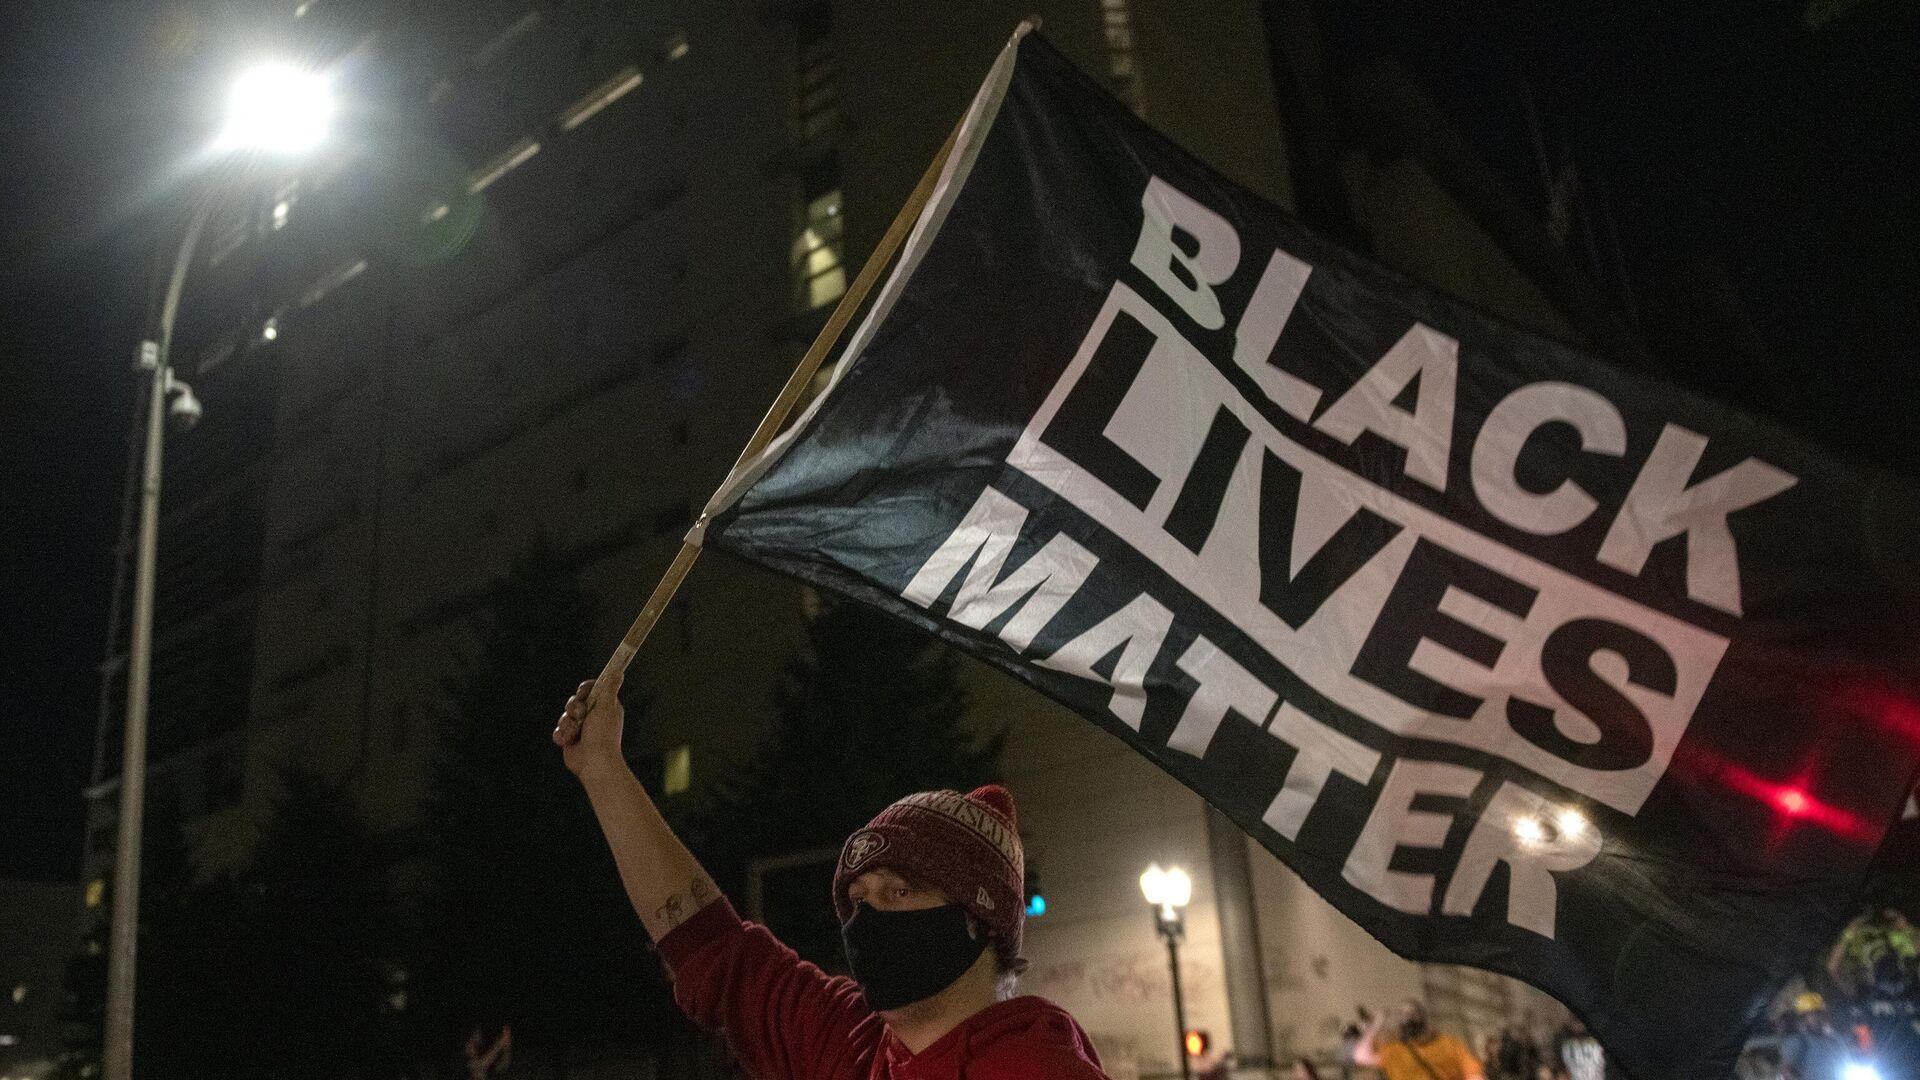 Black Lives Matter имеет мало общего с жизнью темнокожих, заявил Сигал -  РИА Новости, 20.10.2020